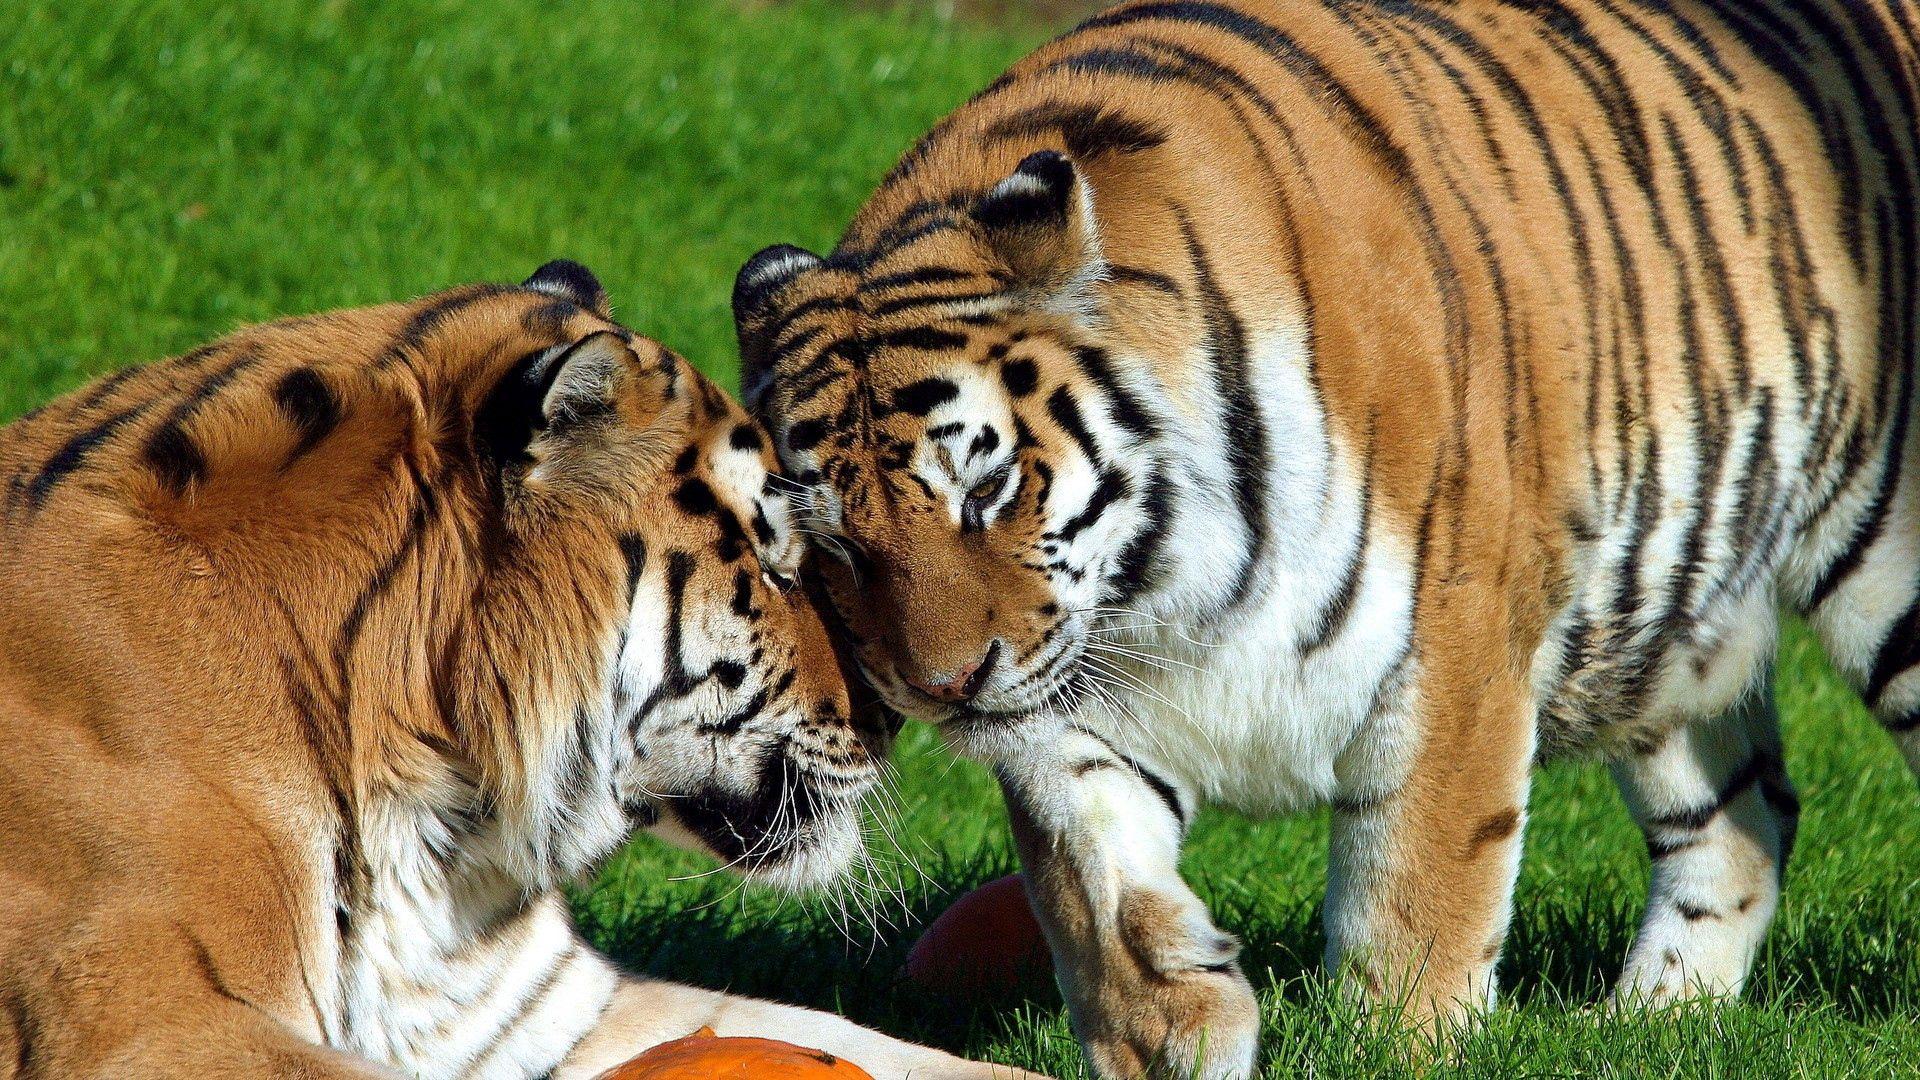 65394壁紙のダウンロード動物, カップル, 双, 大きな猫, ビッグキャッツ, 捕食者, 捕食 者, 阪神タイガース-スクリーンセーバーと写真を無料で